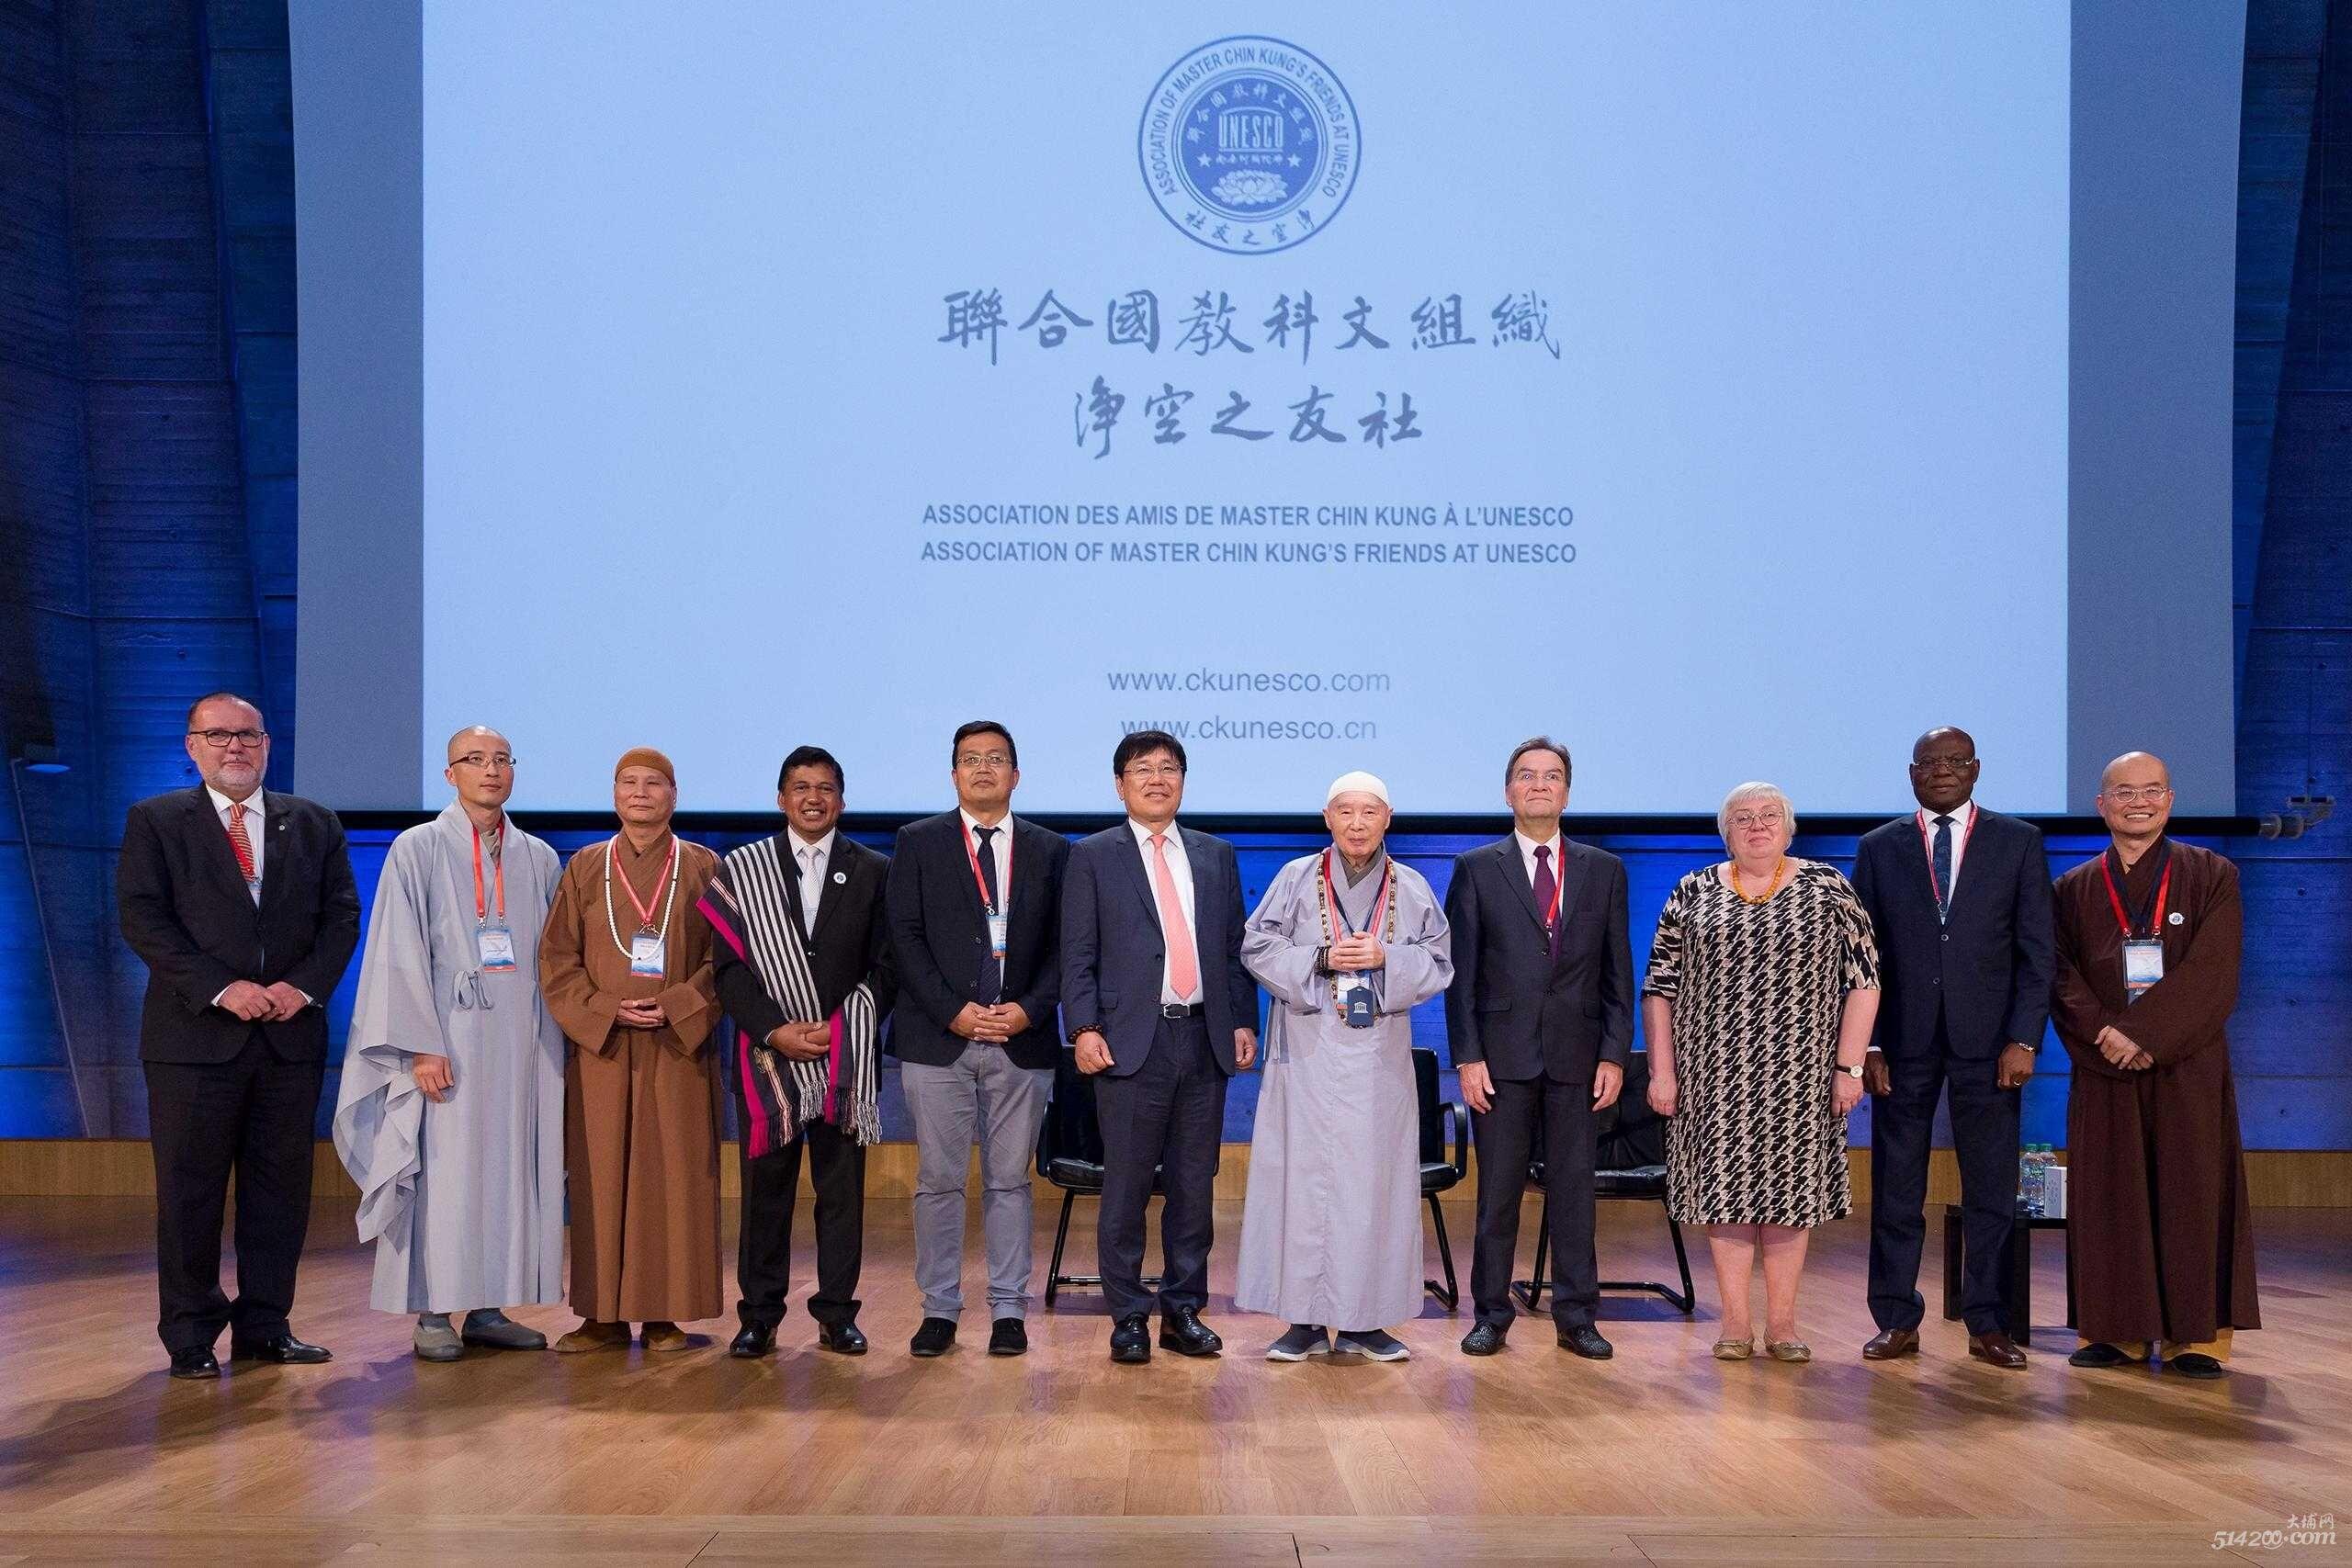 联合国教科文组织净空之友社正式开幕 2017年.jpg